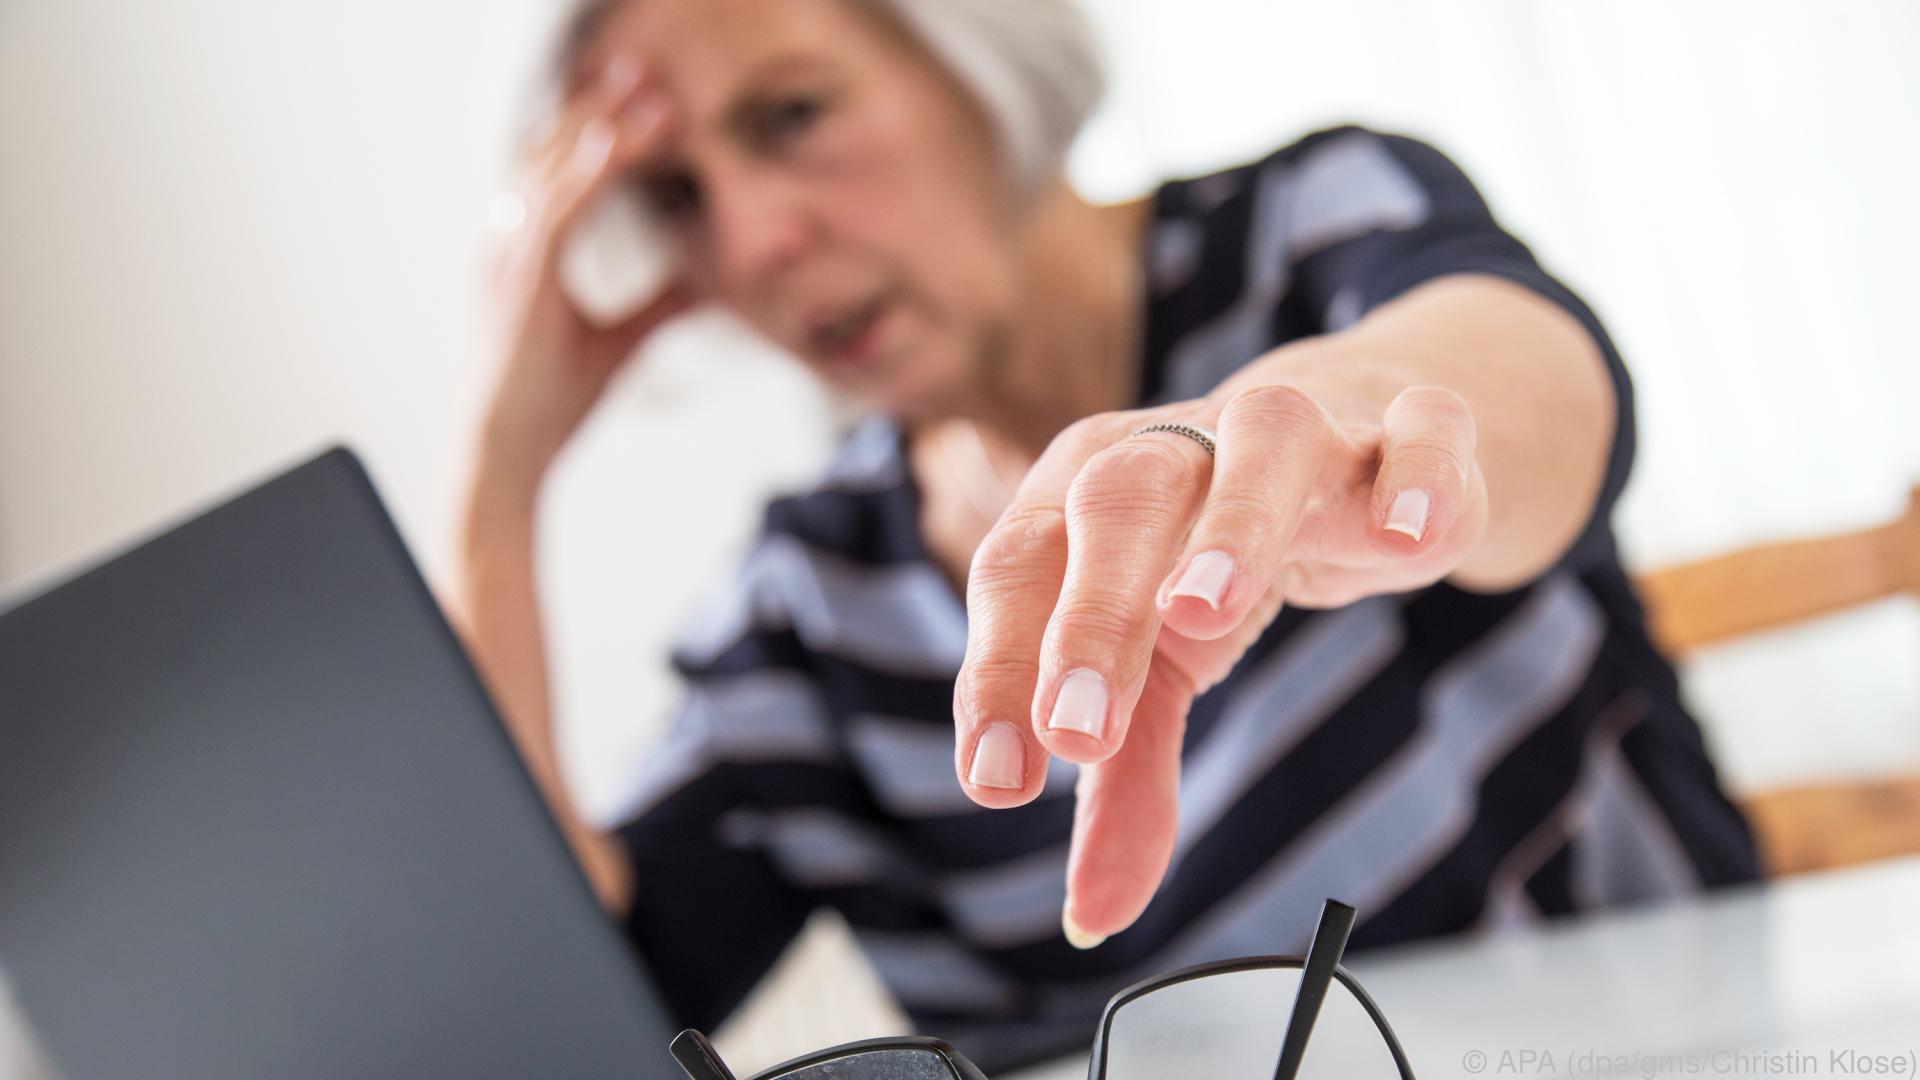 Lese- und Gleitsichtbrille sind für PC-Arbeit nicht optimal